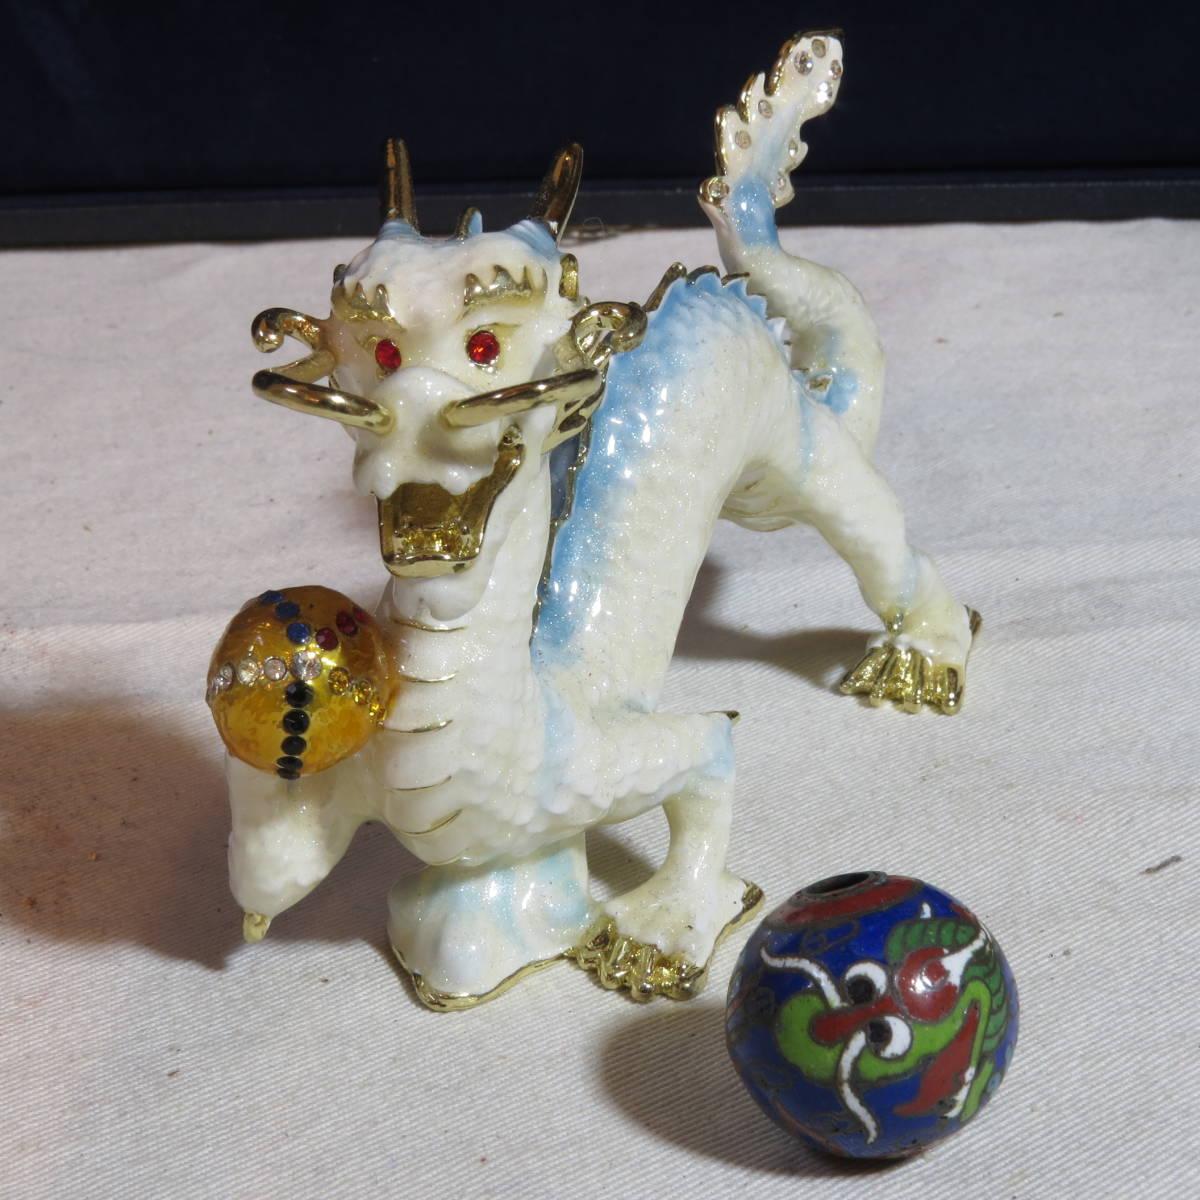 七宝焼き 龍置物・龍彫刻玉(トンボ玉)まとめて